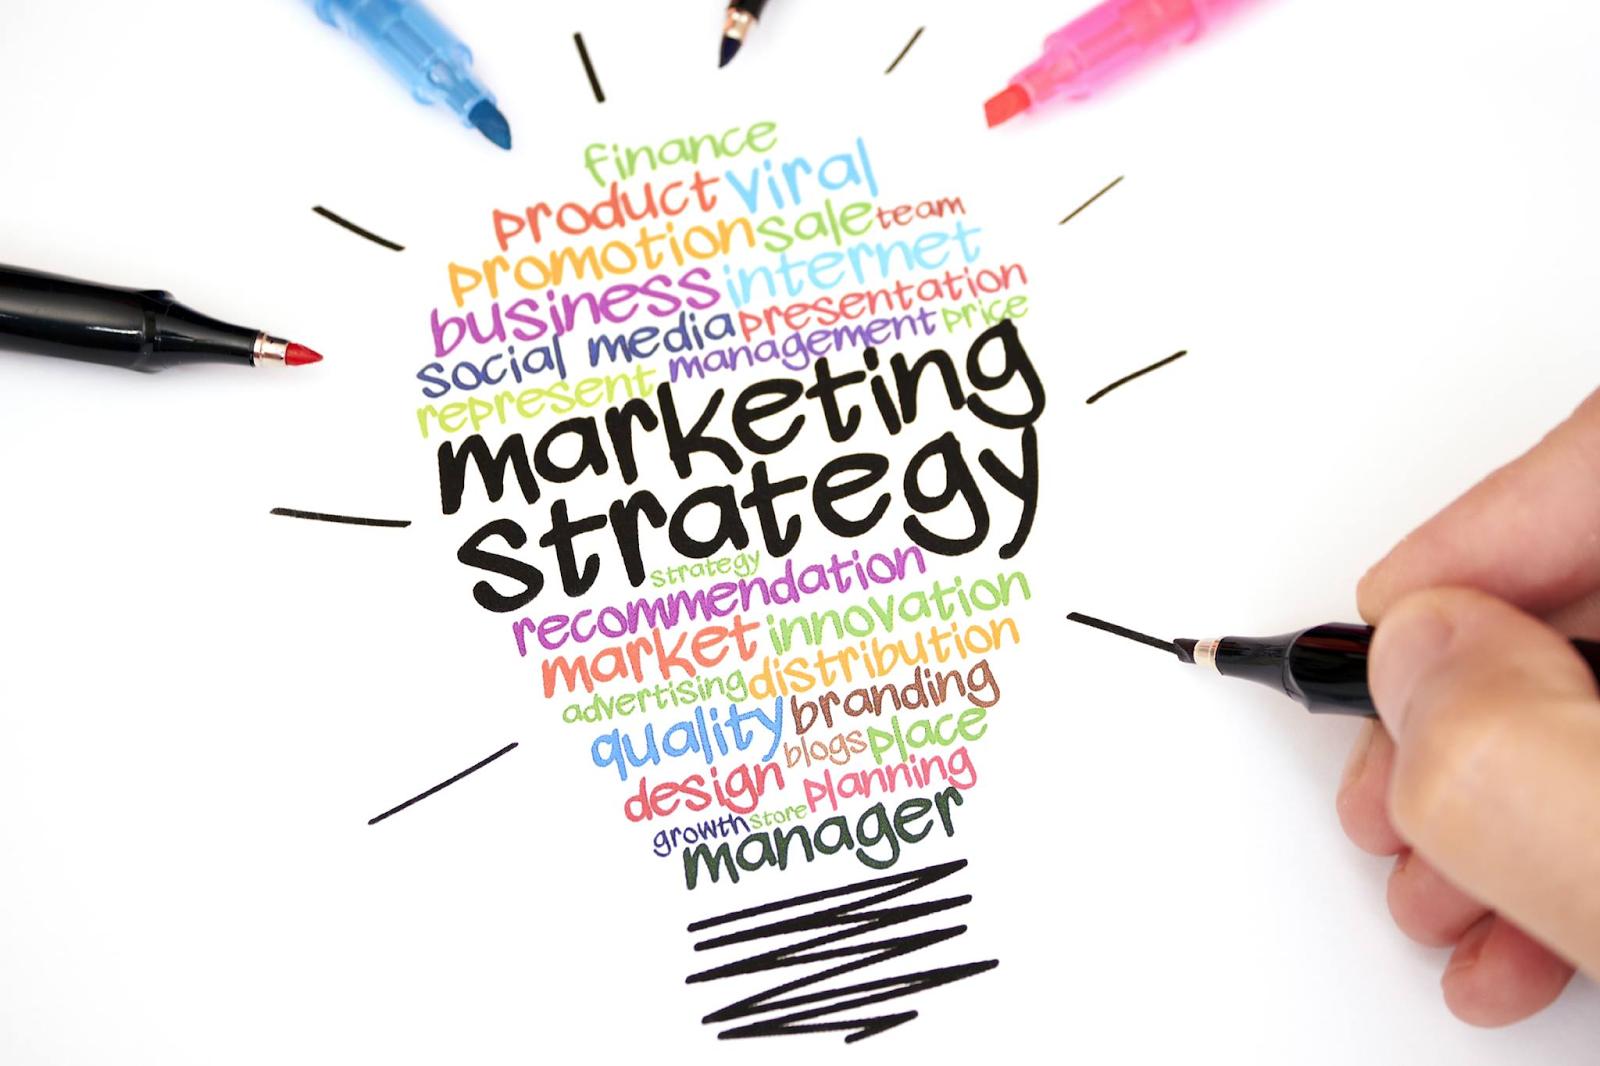 Chức năng của Digital marketing company là gì?